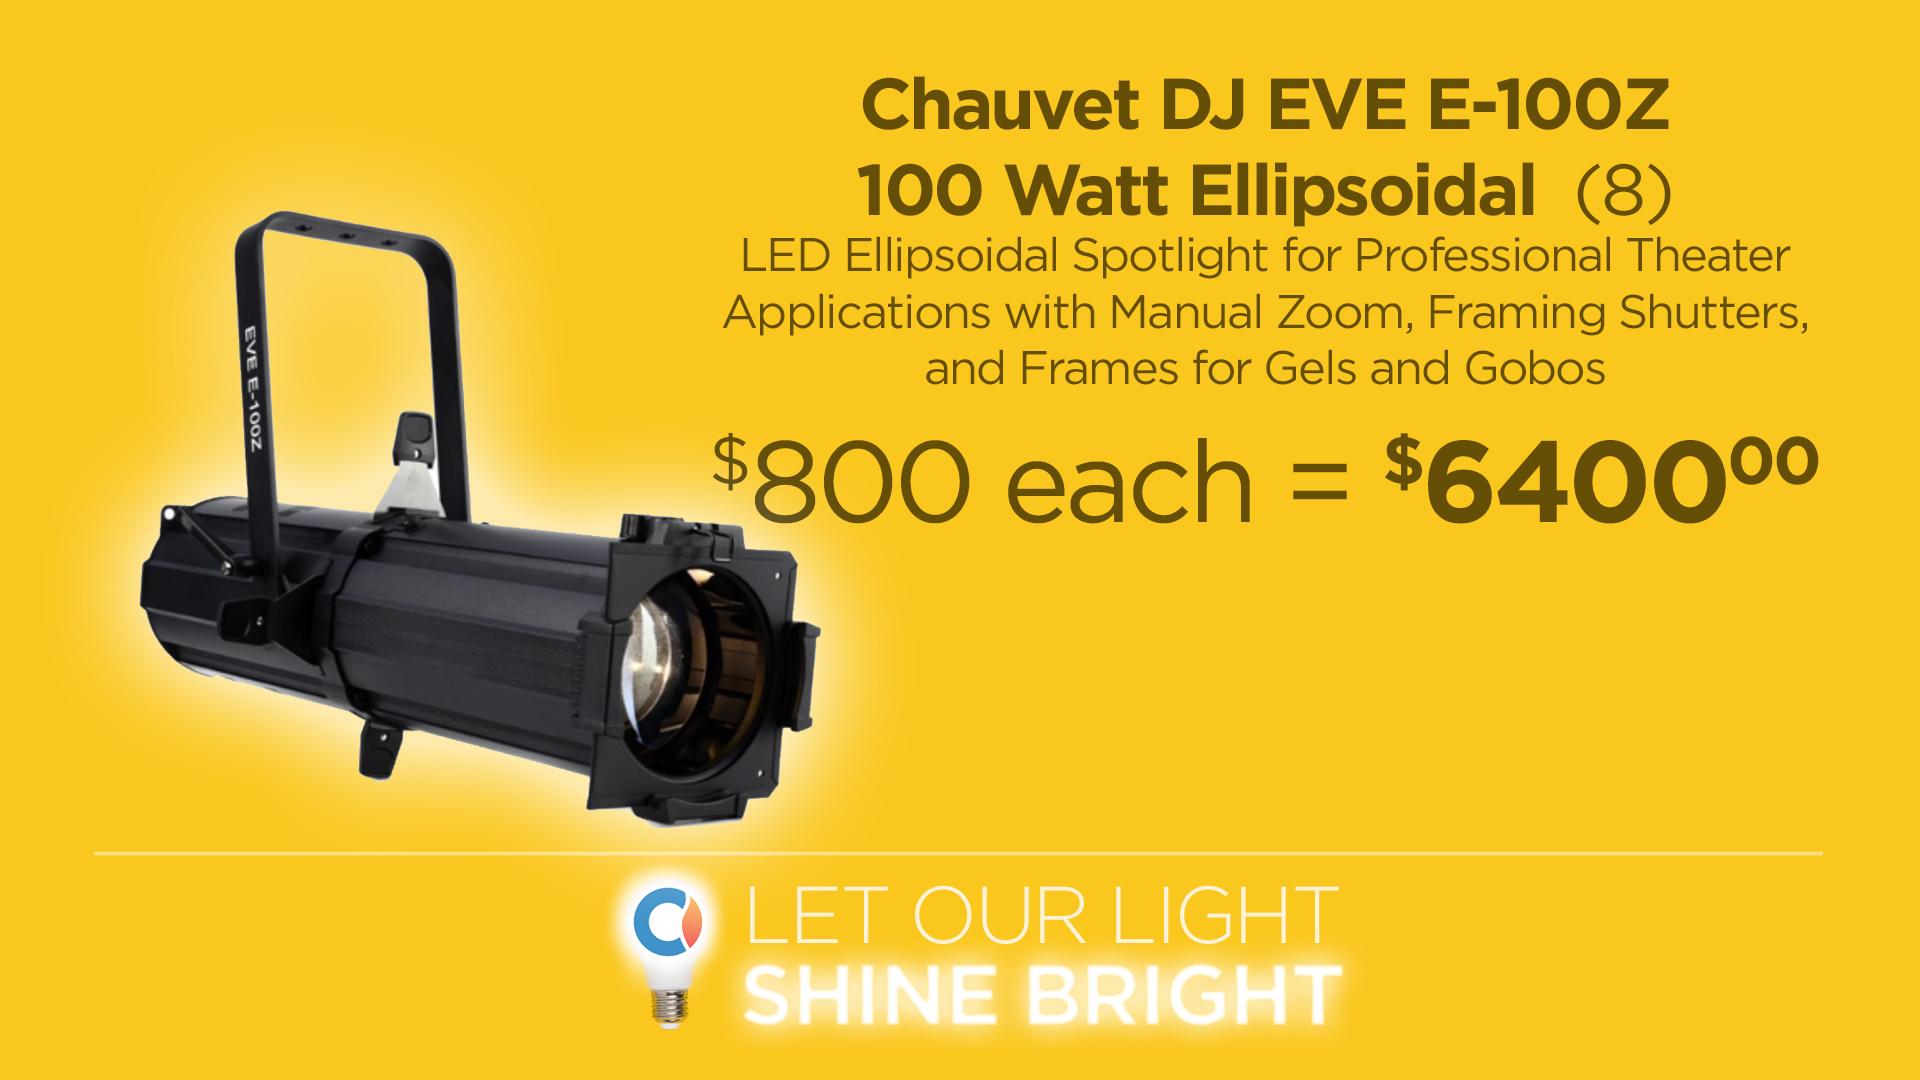 05-lighting-slide_chauvet-dj-eve-e-100z